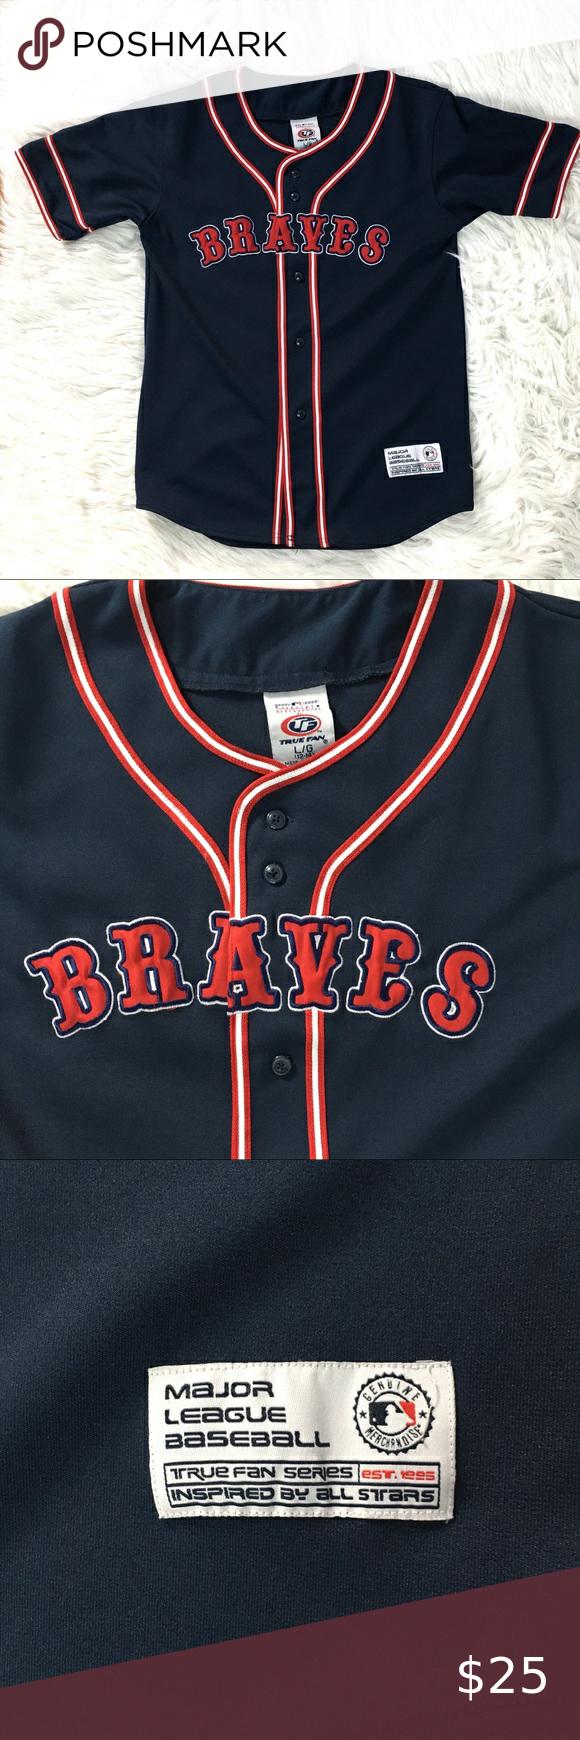 Atlanta Braves Jersey Mlb True Fan Series Youth In 2020 Atlanta Braves Jersey Braves Jersey Atlanta Braves